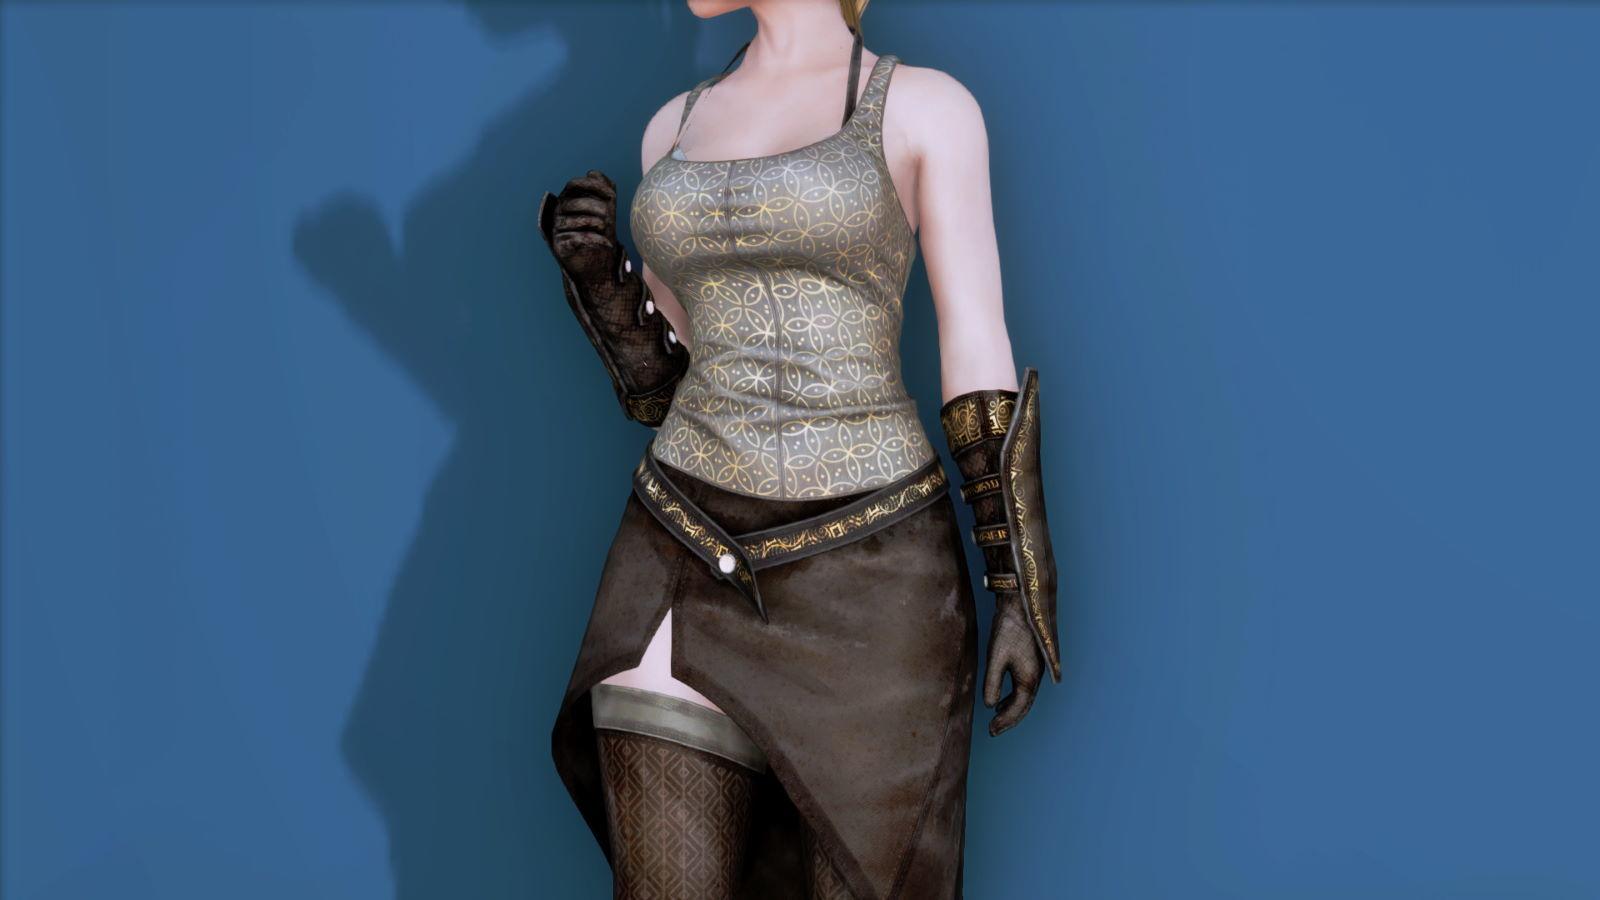 RuggedRogueSSE 212-1 Pose Up-Fr-F Vest Skirt 1